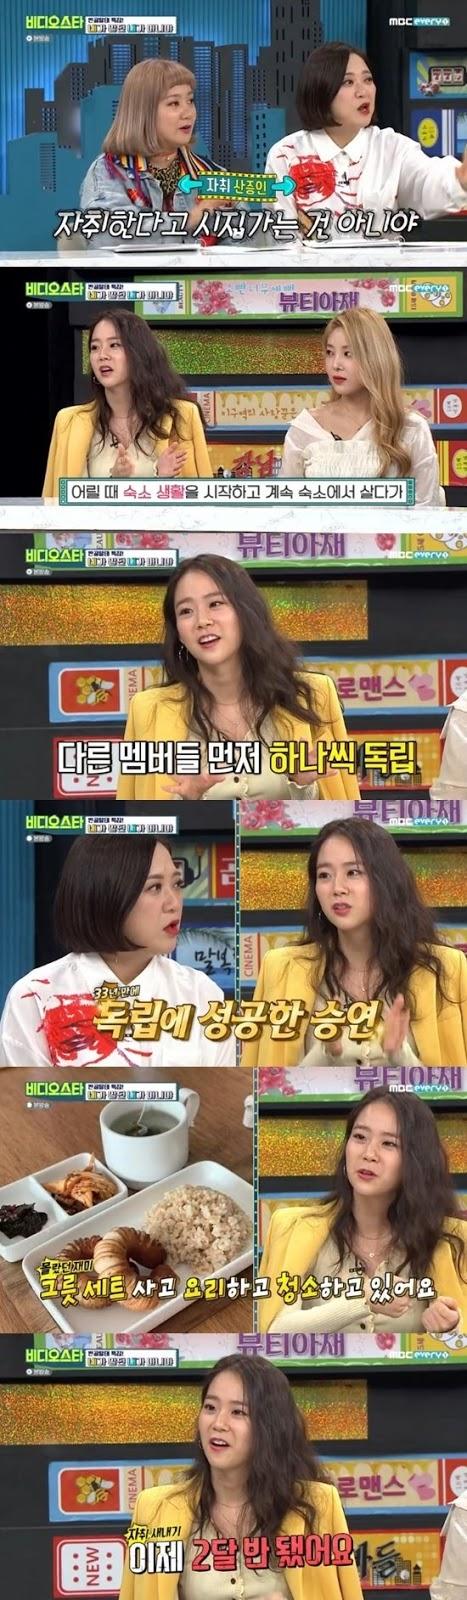 Han Seungyeon evliliği planladığını söyledi